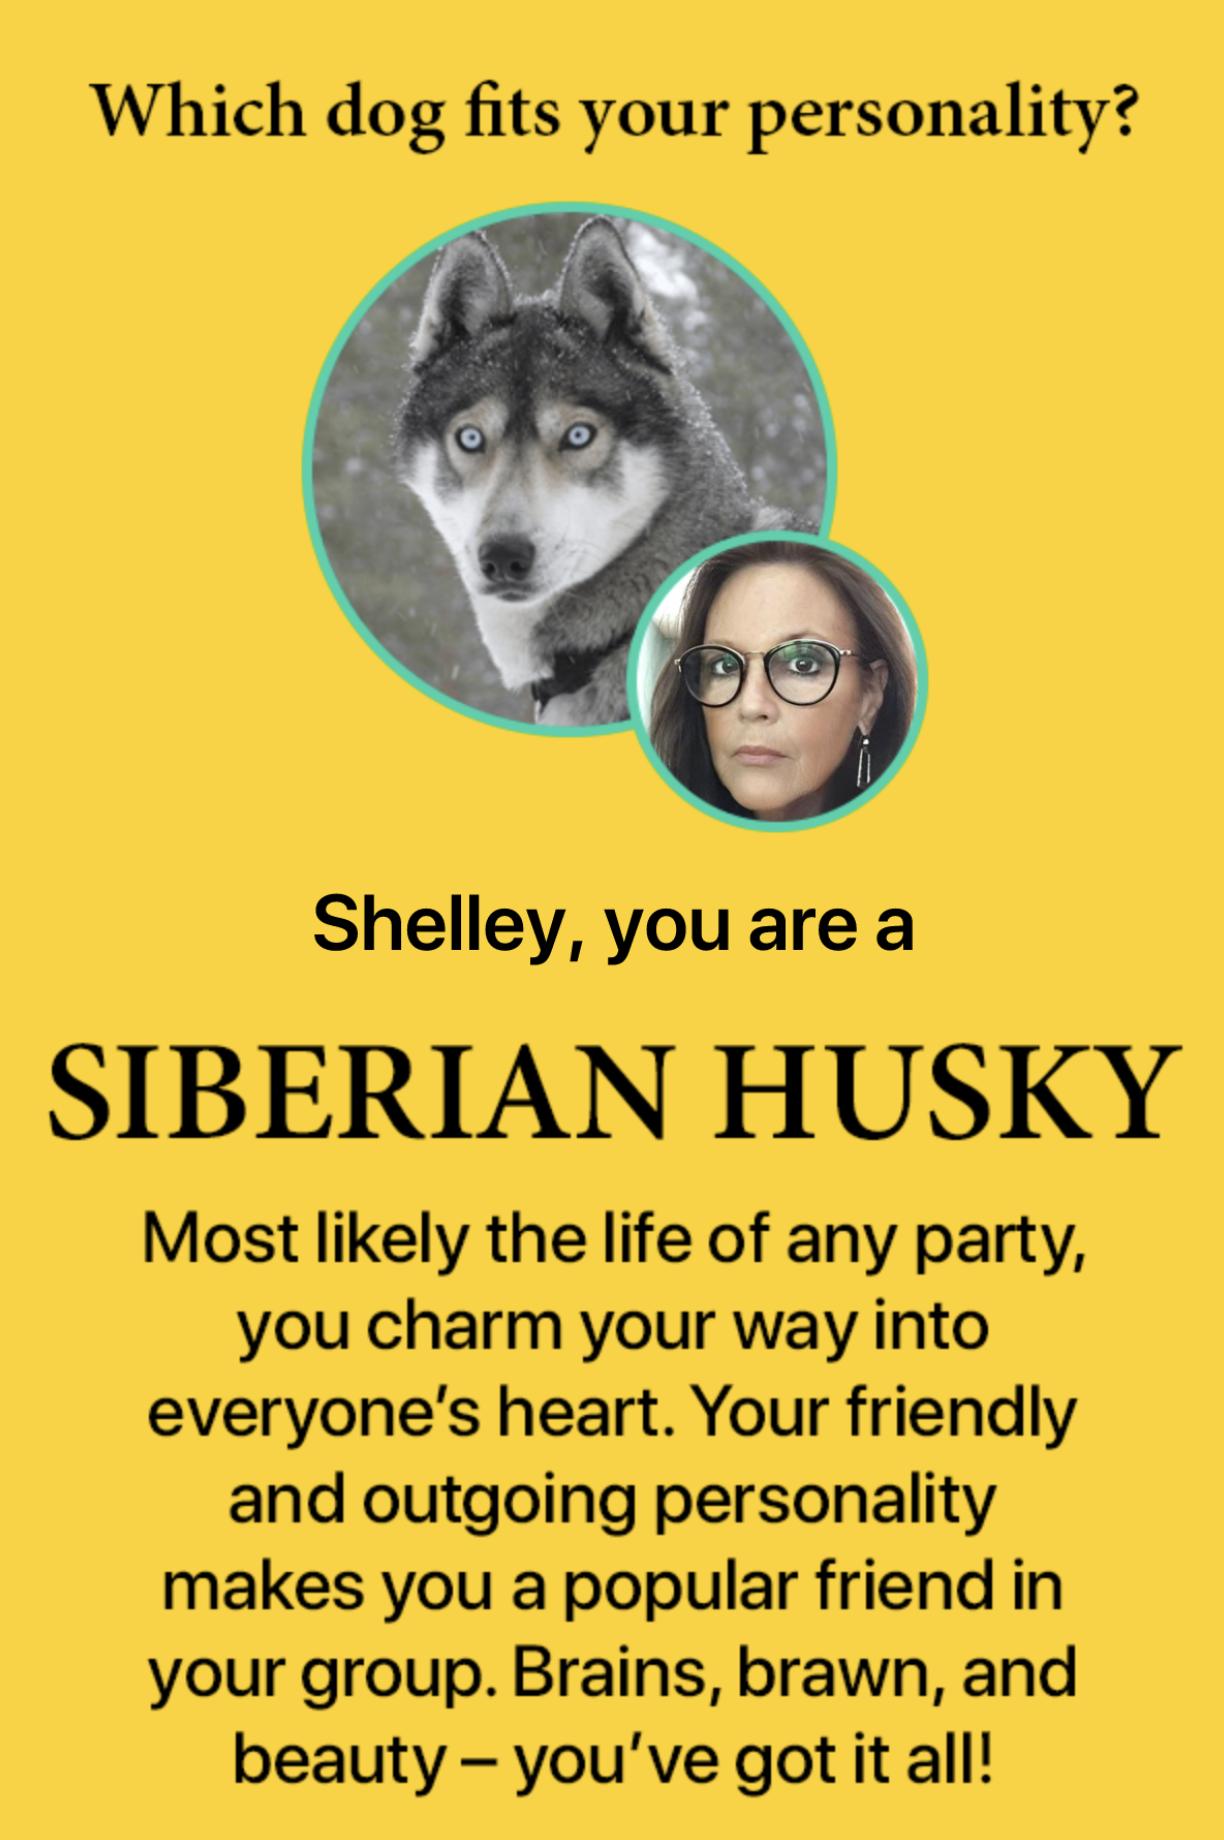 i am a Siberian husky